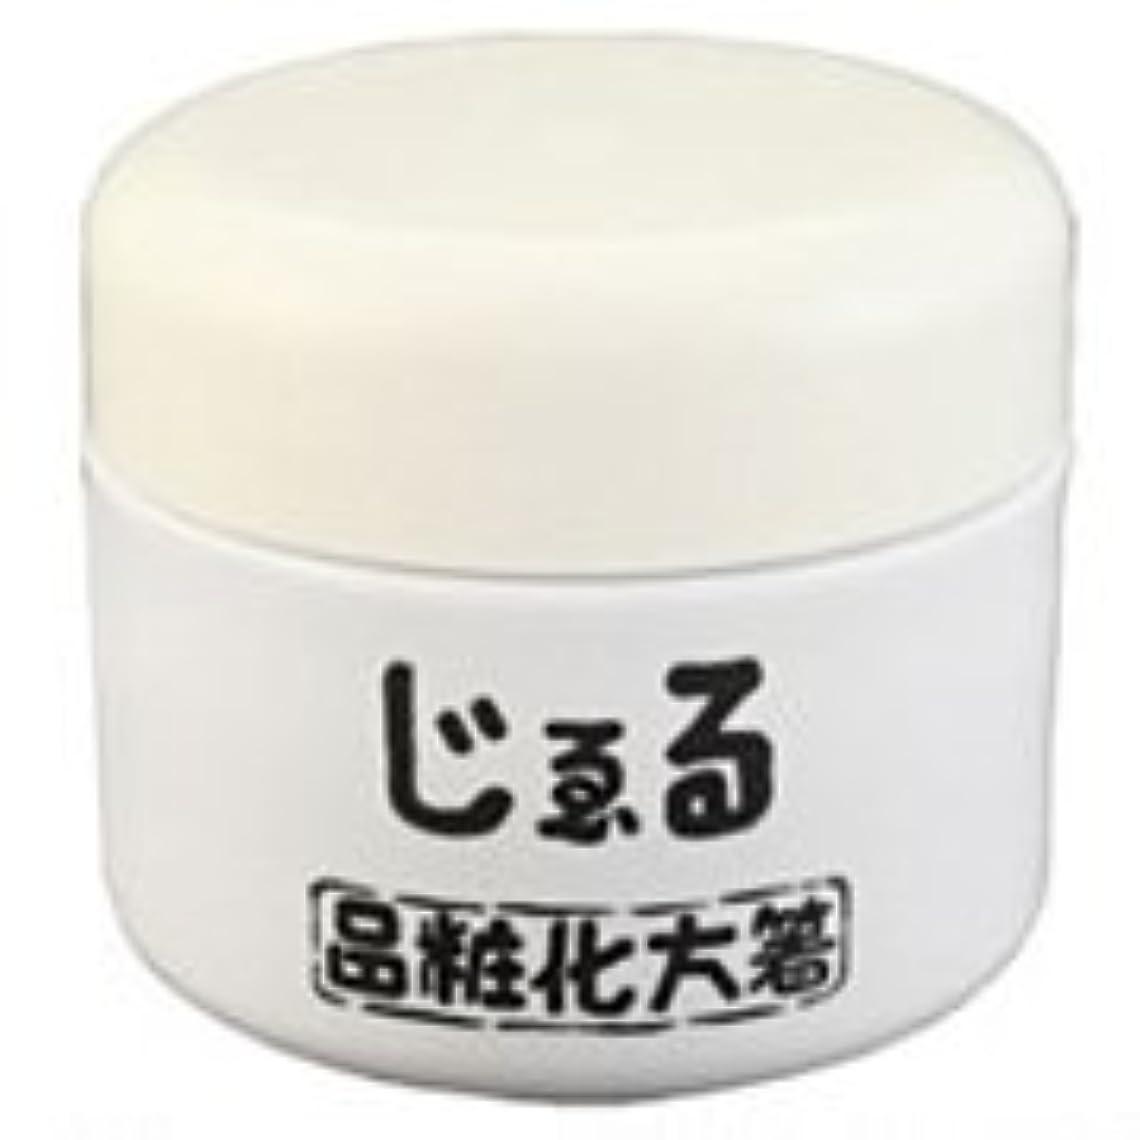 悩み復活する黒板[箸方化粧品] じぇる 38g はしかた化粧品